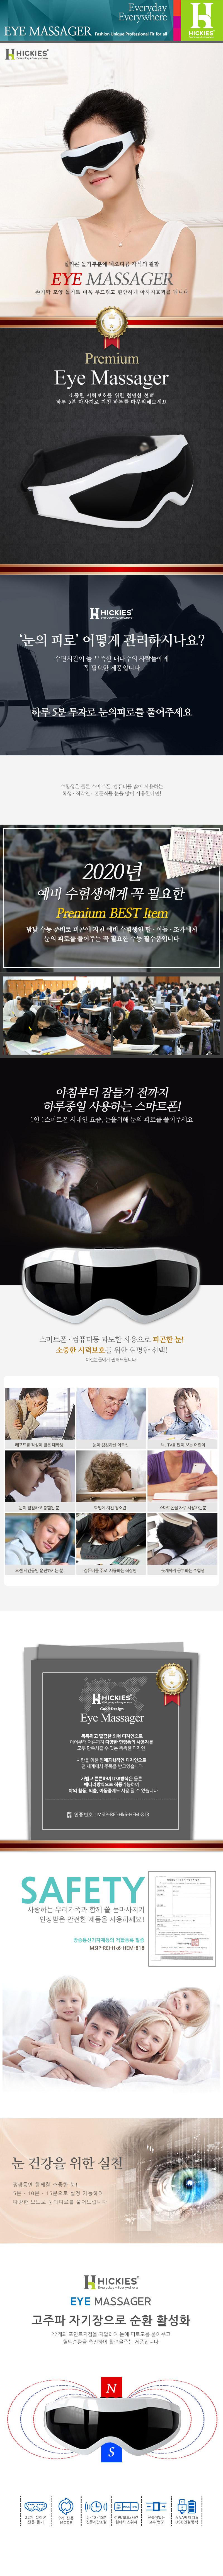 하루 눈건강 전동 눈마사지기 - 히키스, 12,800원, 안마/교정, 부위안마기